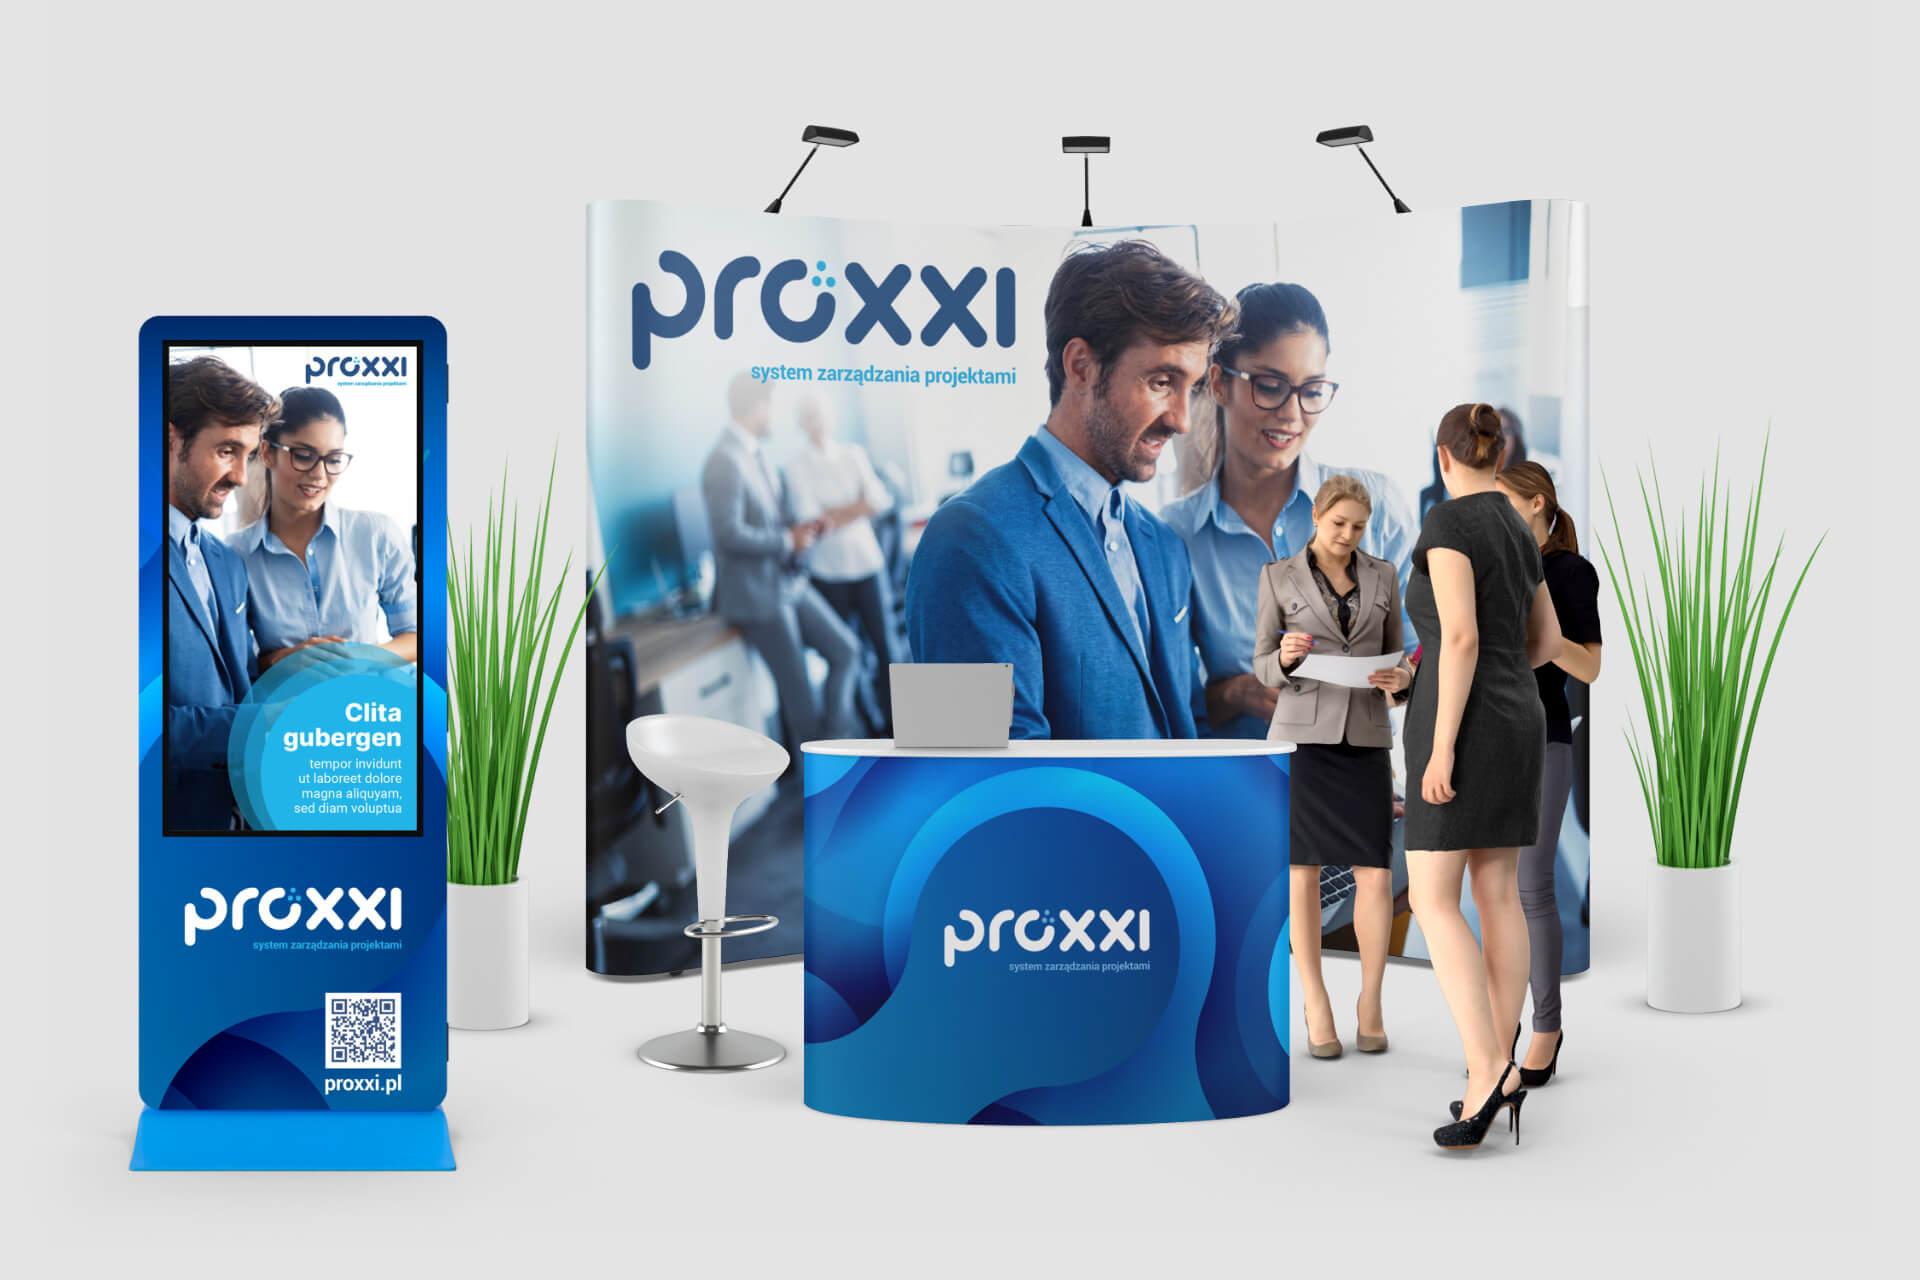 Proxxi - wizualizacja stanowiska targowego